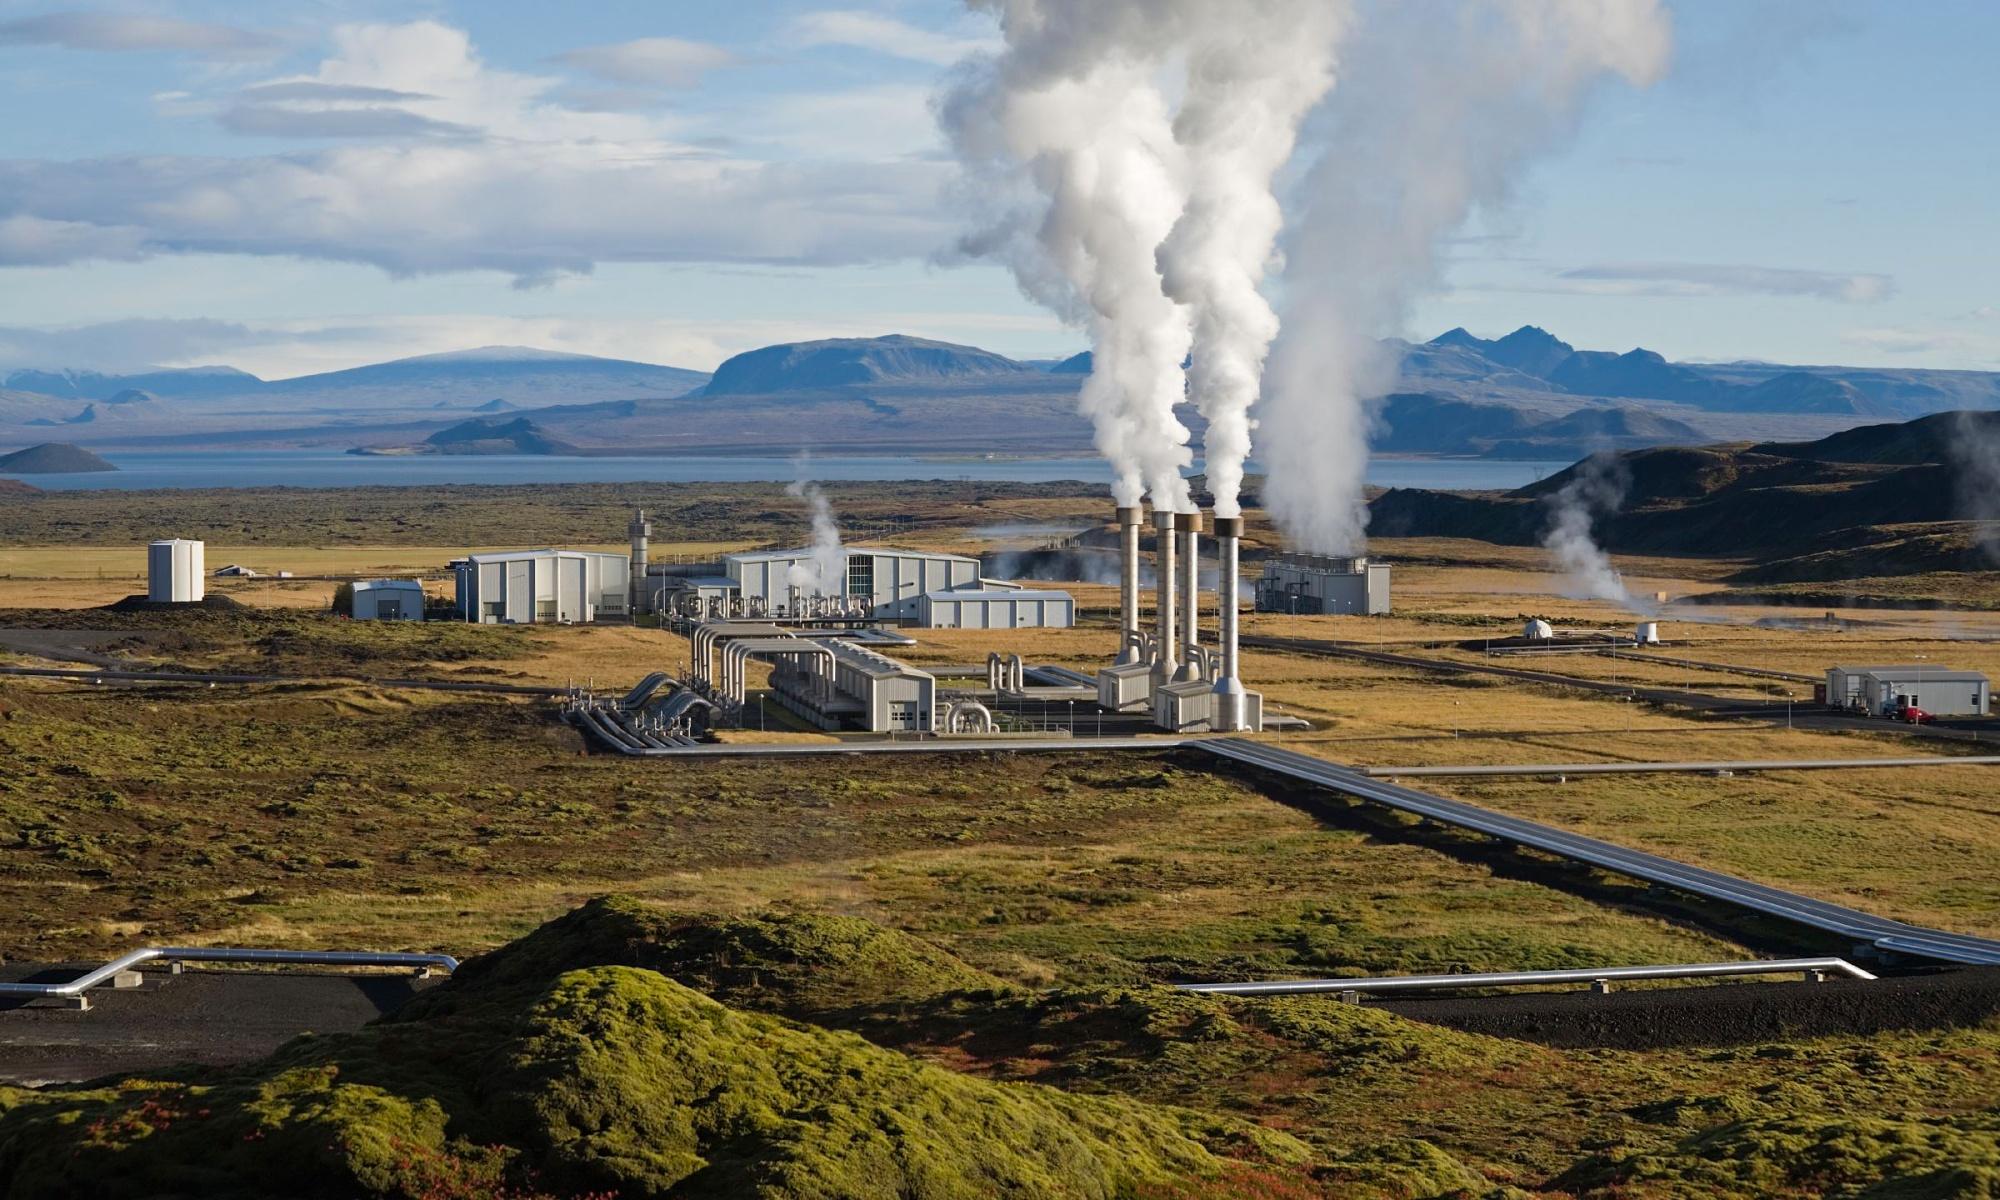 Gretar Ívarsson – Edited by Fir0002 - Gretar Ívarsson, geologist at Nesjavellir